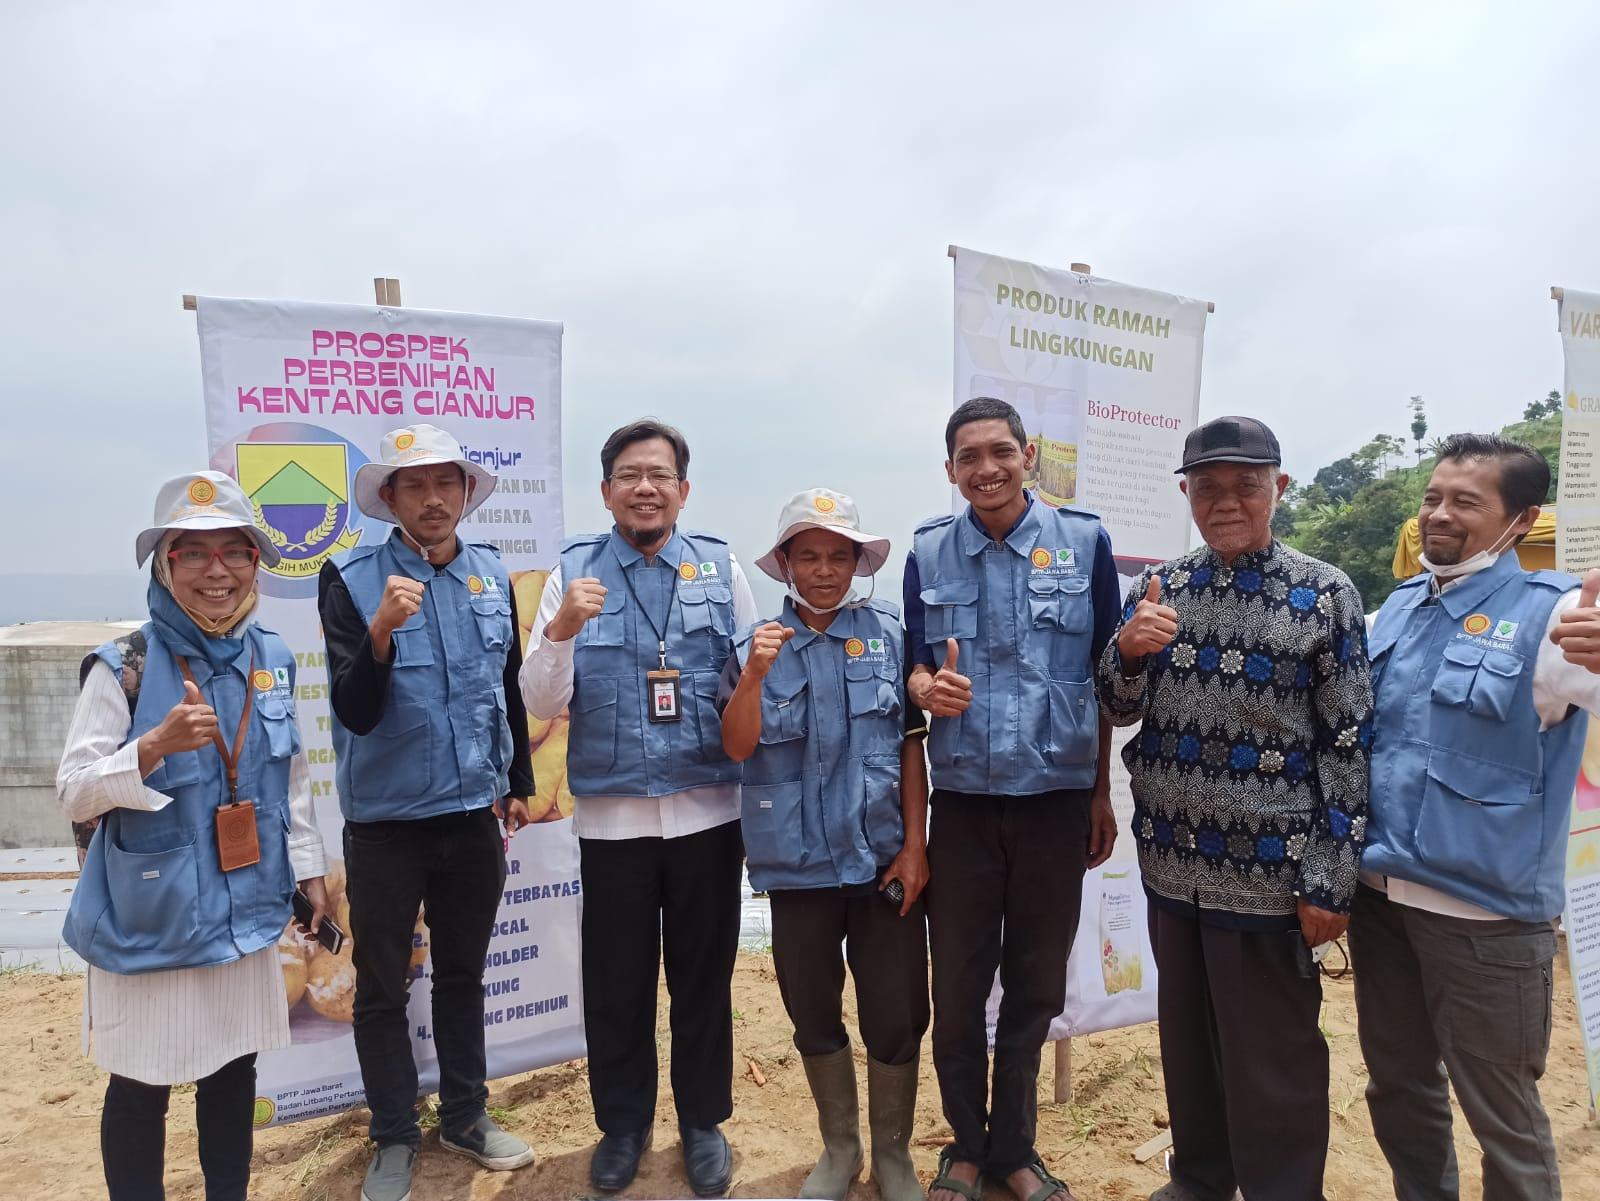 Melalui Tanam Perdana, Kabupaten Cianjur Diharapkan Bisa Jadi Sentra Benih Kentang